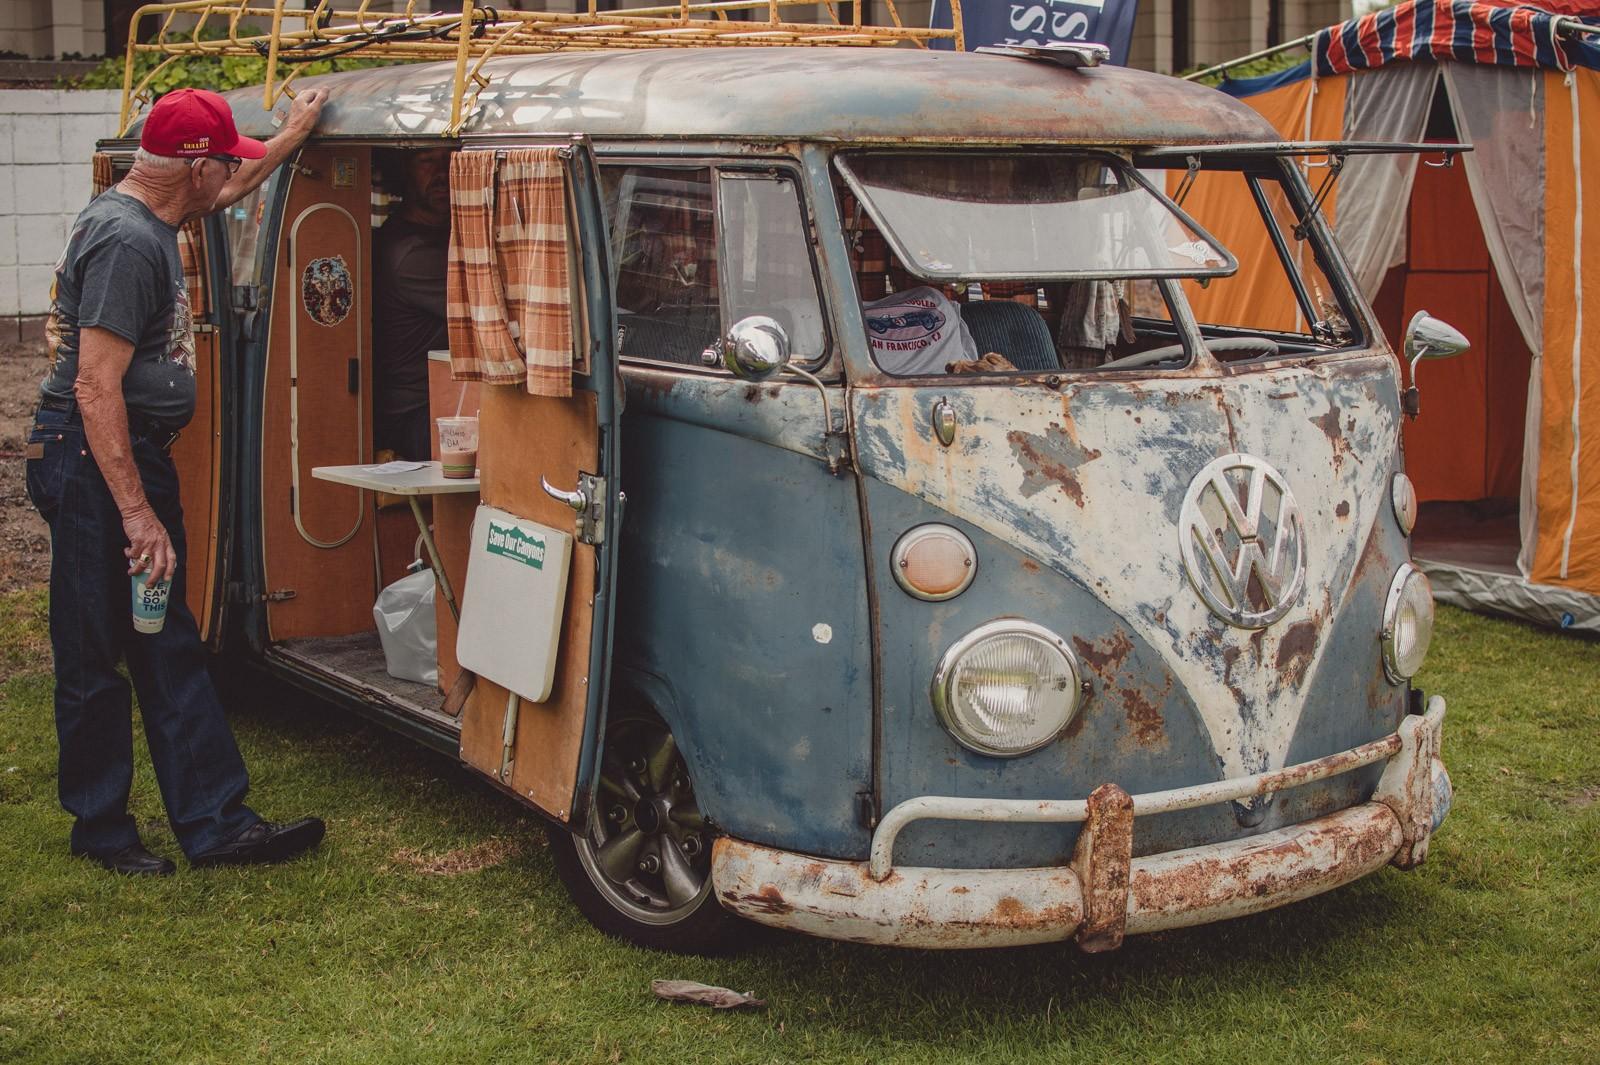 A rusty old VW Kombi